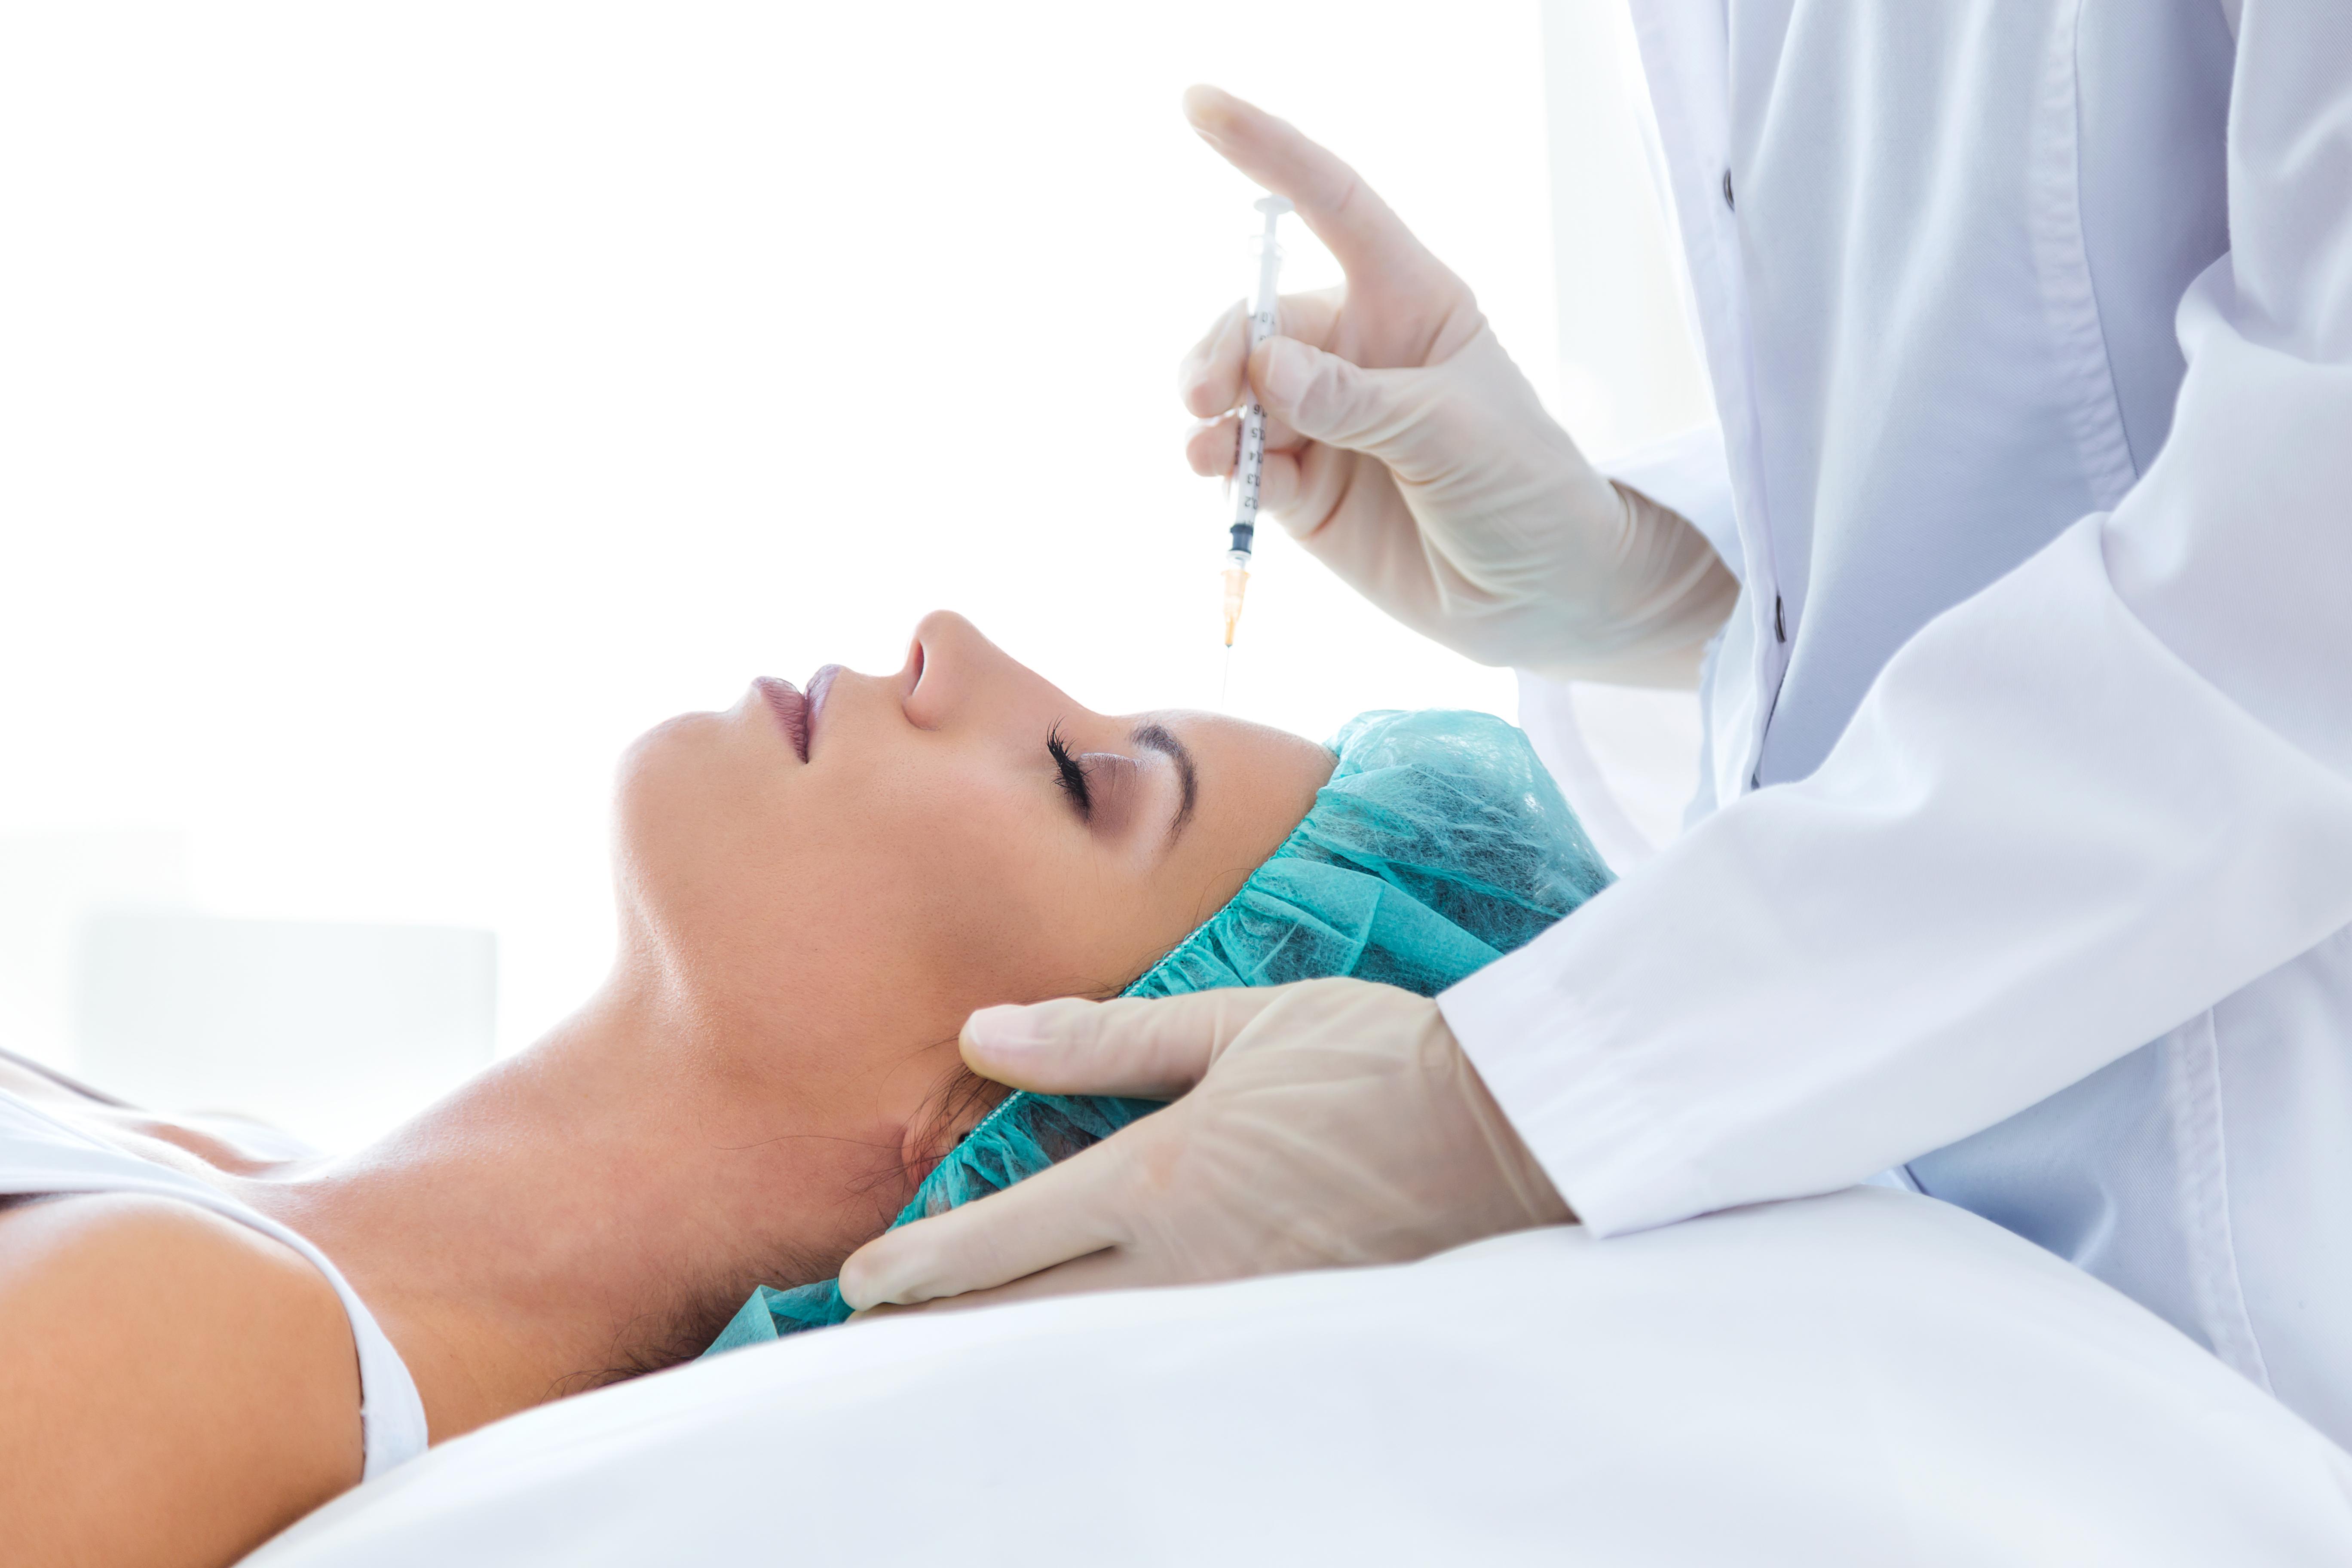 ŠkoIenie PLAZMATERAPIE (DRACULA TERAPIA)  - prirodzené omladenie krvnou plazmou pre zdravotné sestry